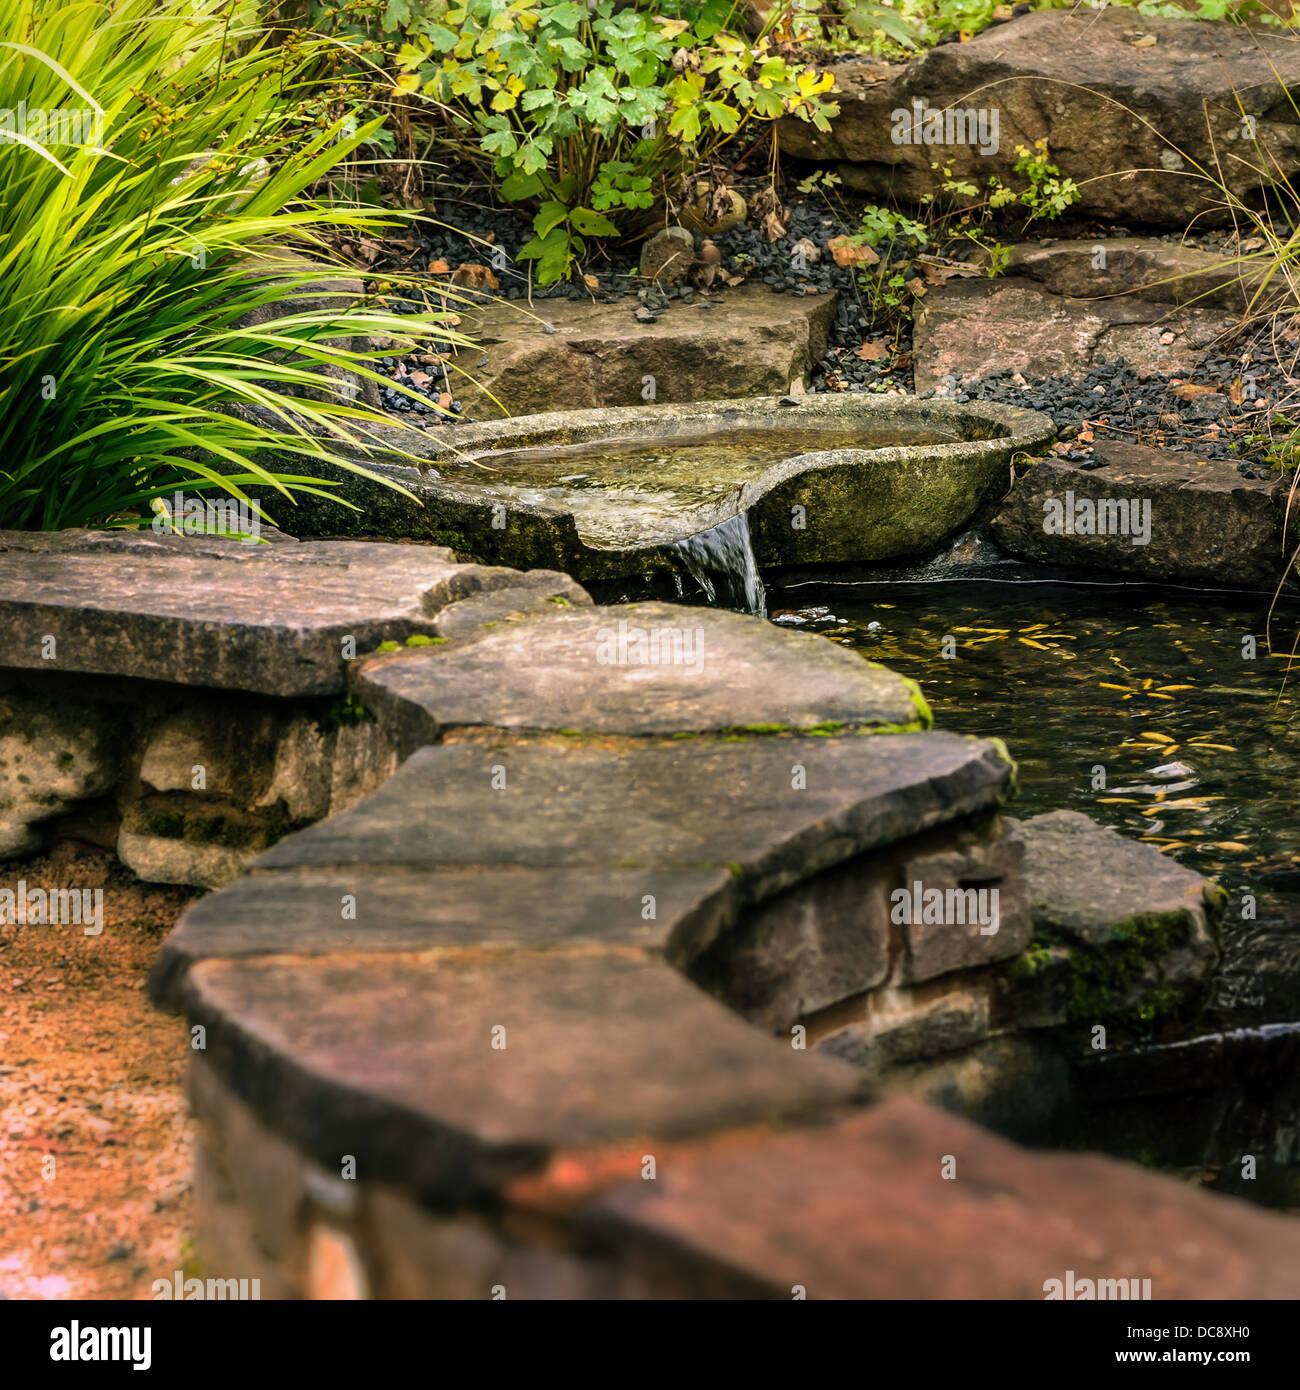 Jardin Mineral Zen Photo patio jardín zen - estanque foto & imagen de stock: 59203452